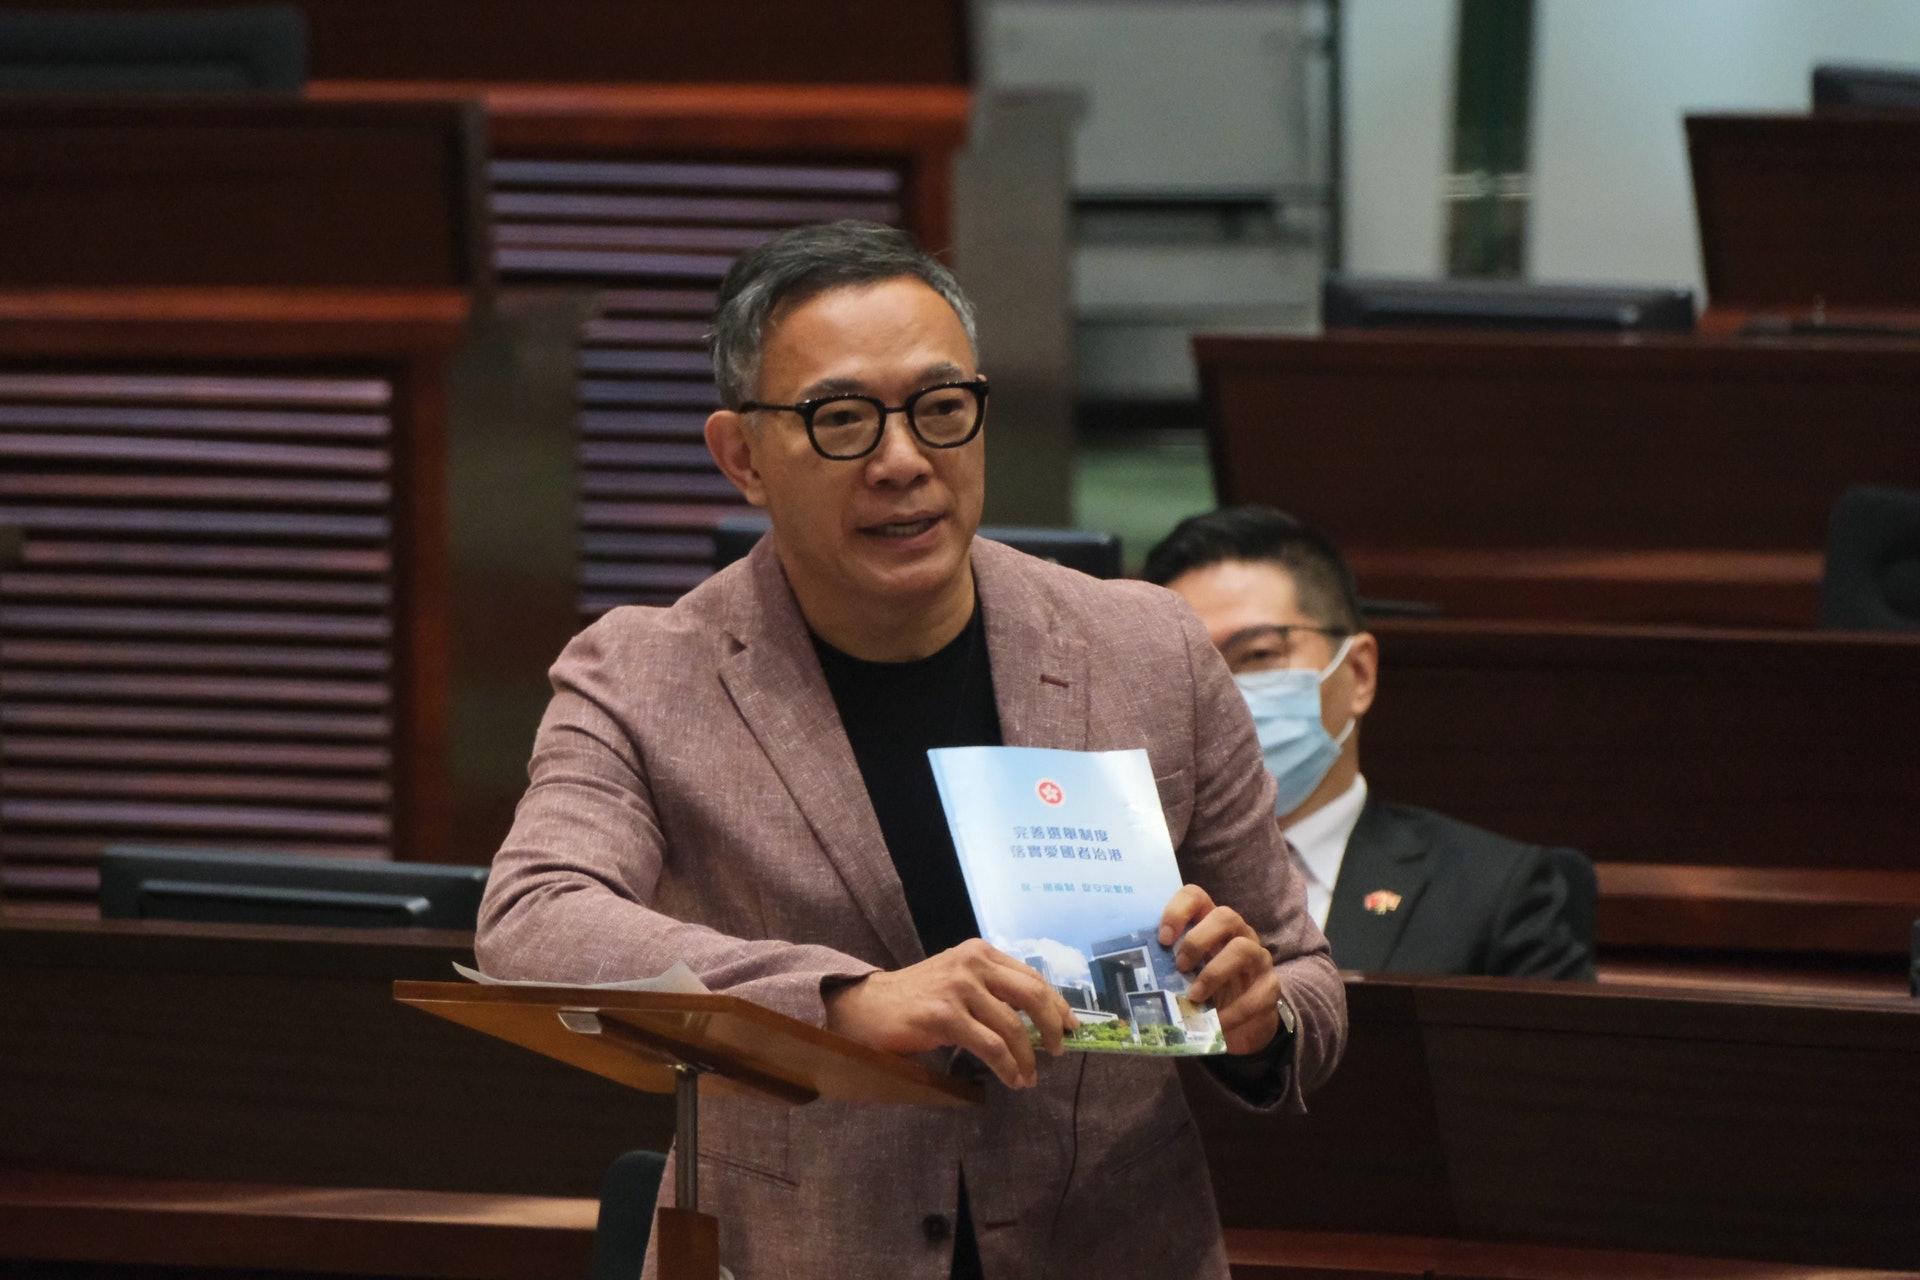 Anggota Legislatif Hong Kong, Hon Paul Tse (Foto HK01)